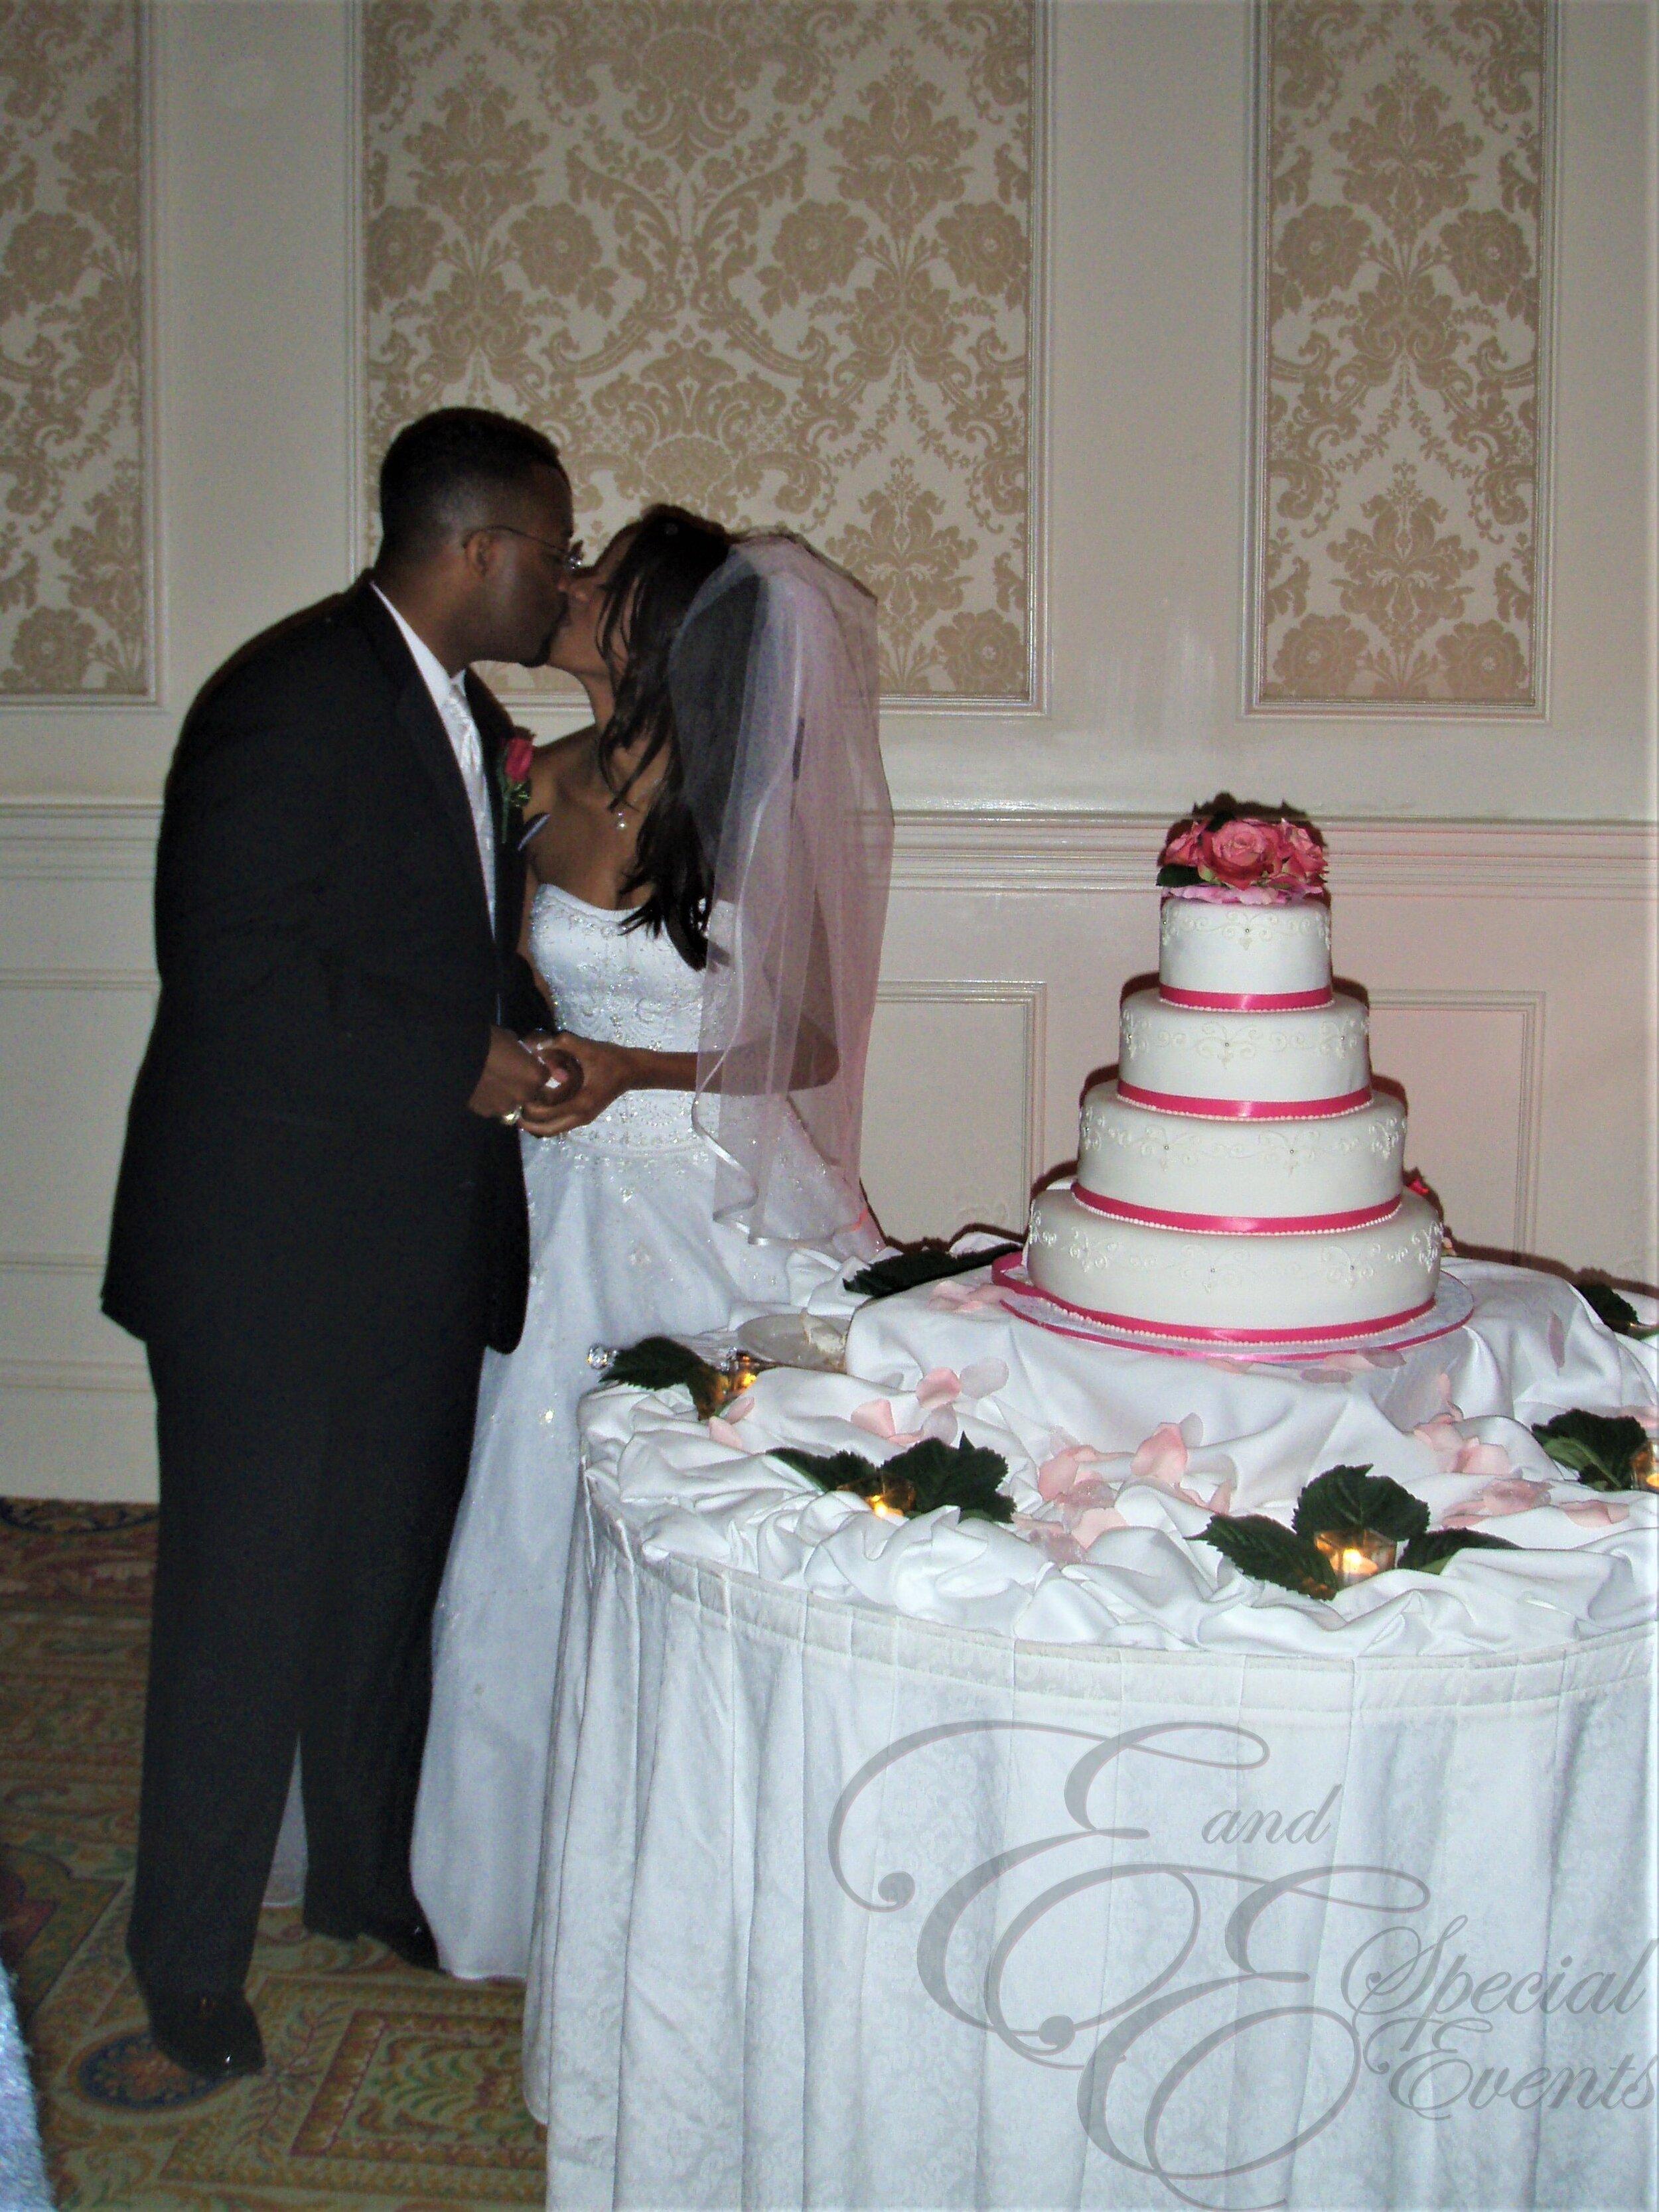 E_E_Special_Events_Wedding_Cakes_Virginia_Beach_Hampton_Roads_Simple_Designs14.jpg